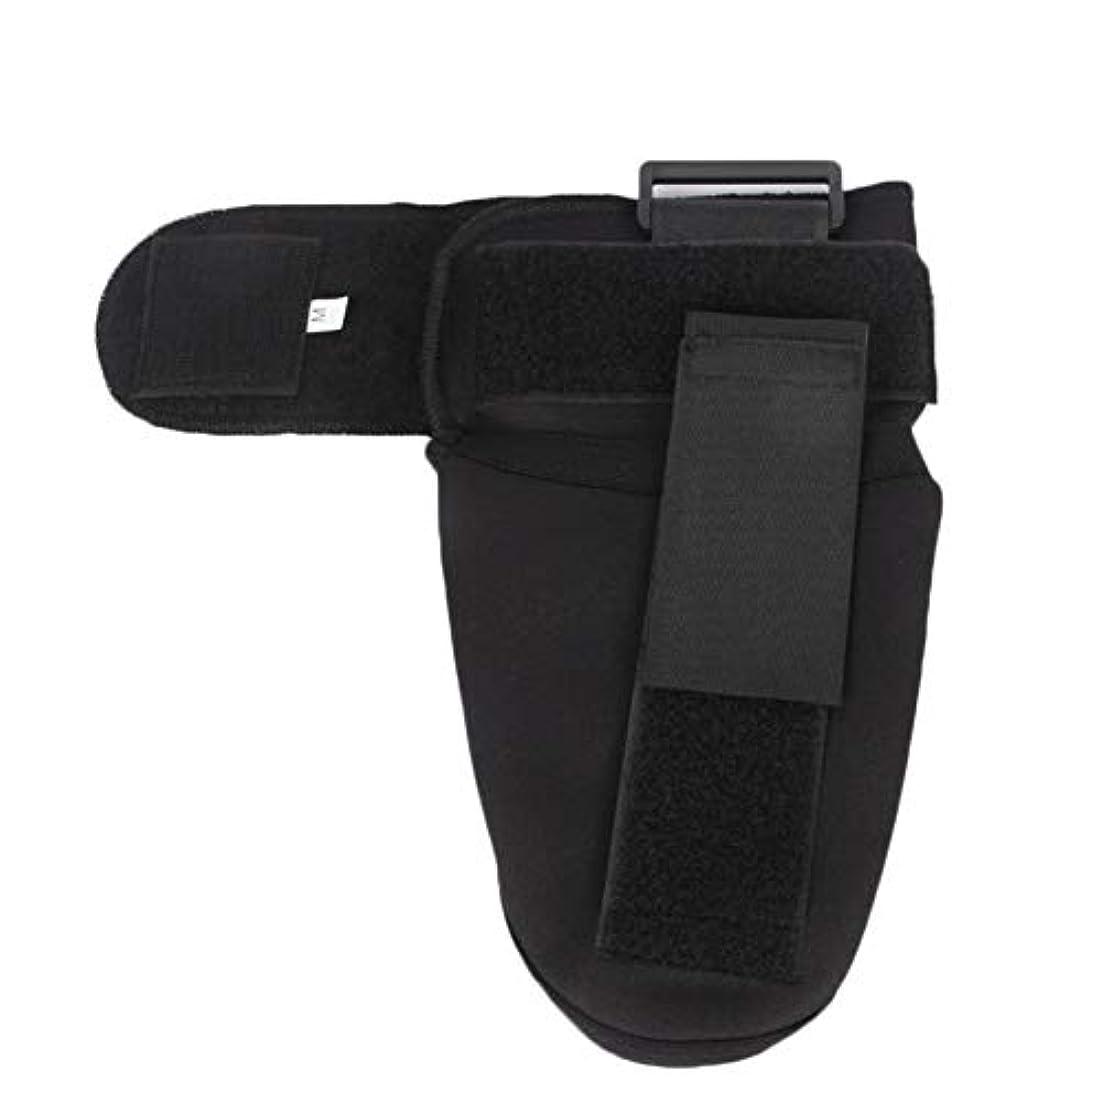 兵器庫合理化アマゾンジャングルXlp 足の痛みを軽減するための足底足首サポートベルトソフト通気性フットプロテクター